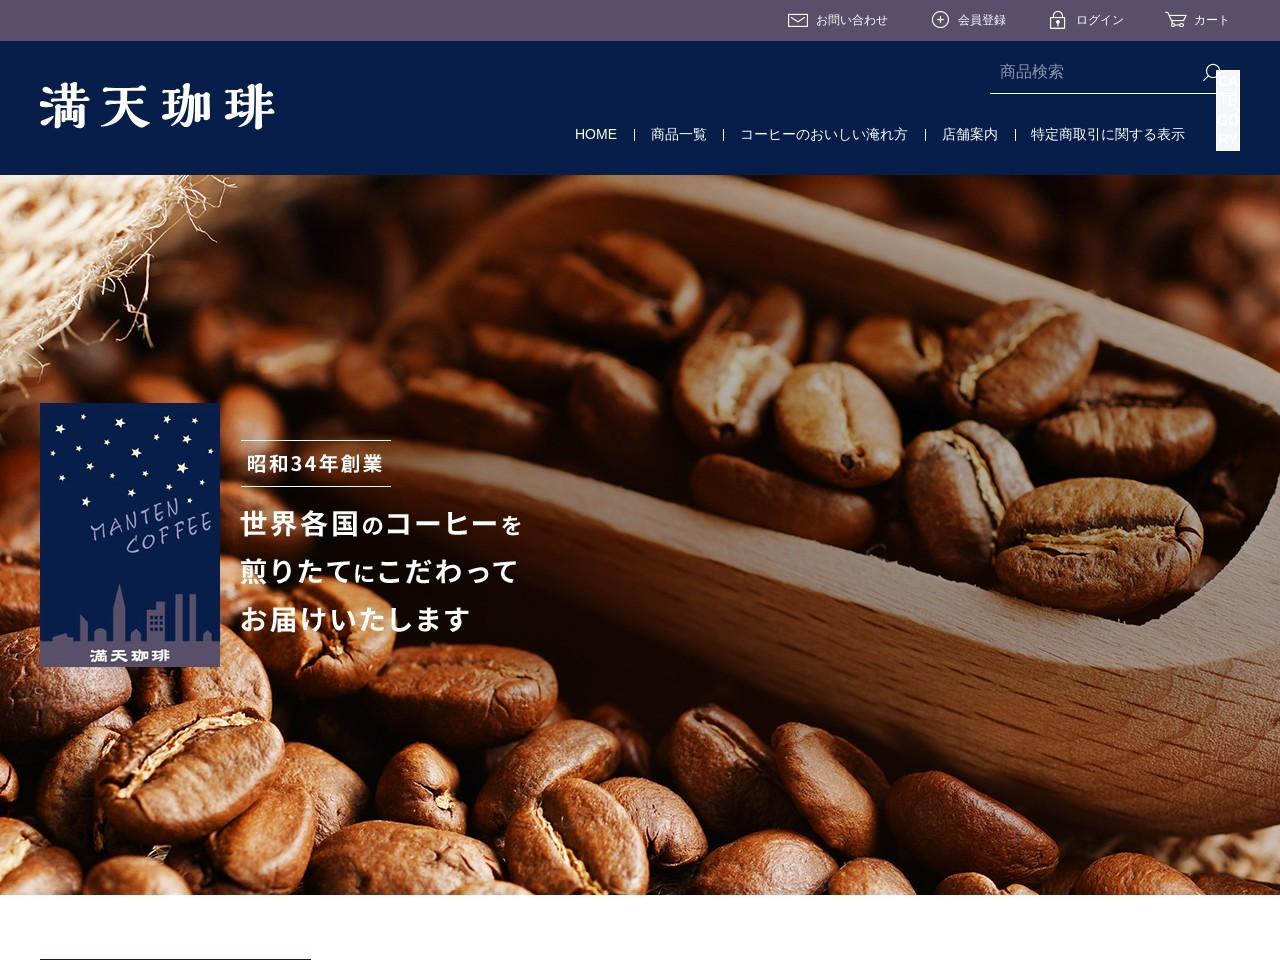 松屋コーヒー四日市店